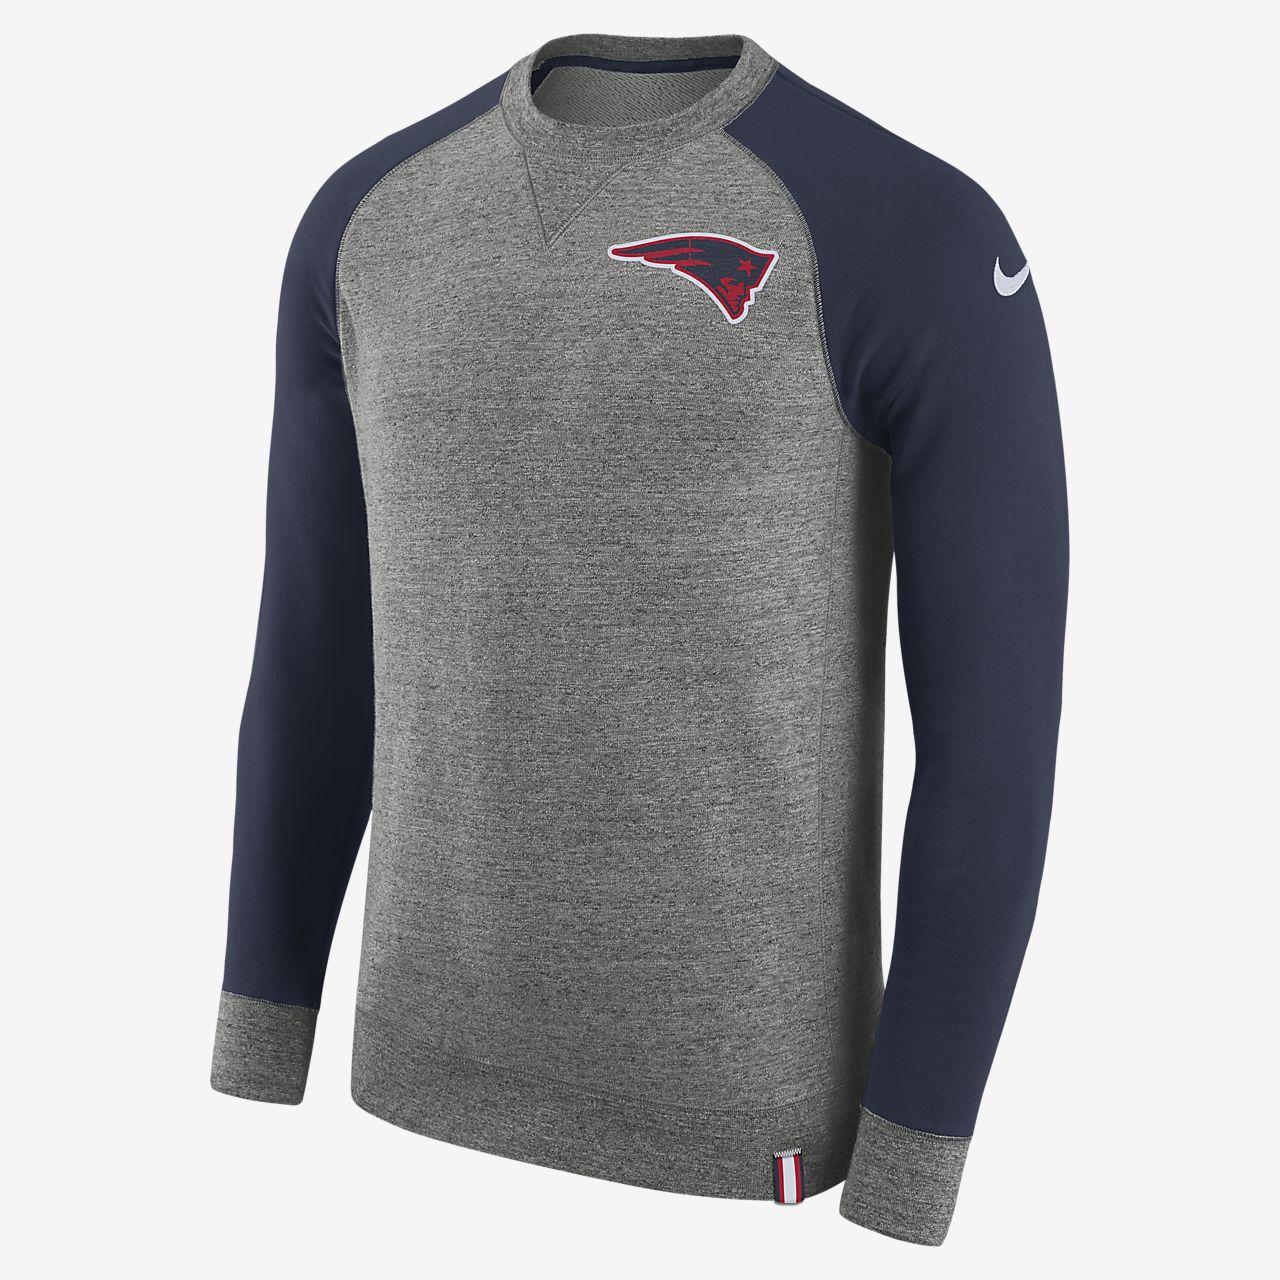 Sudadera para hombre Nike AW77 (NFL Patriots)